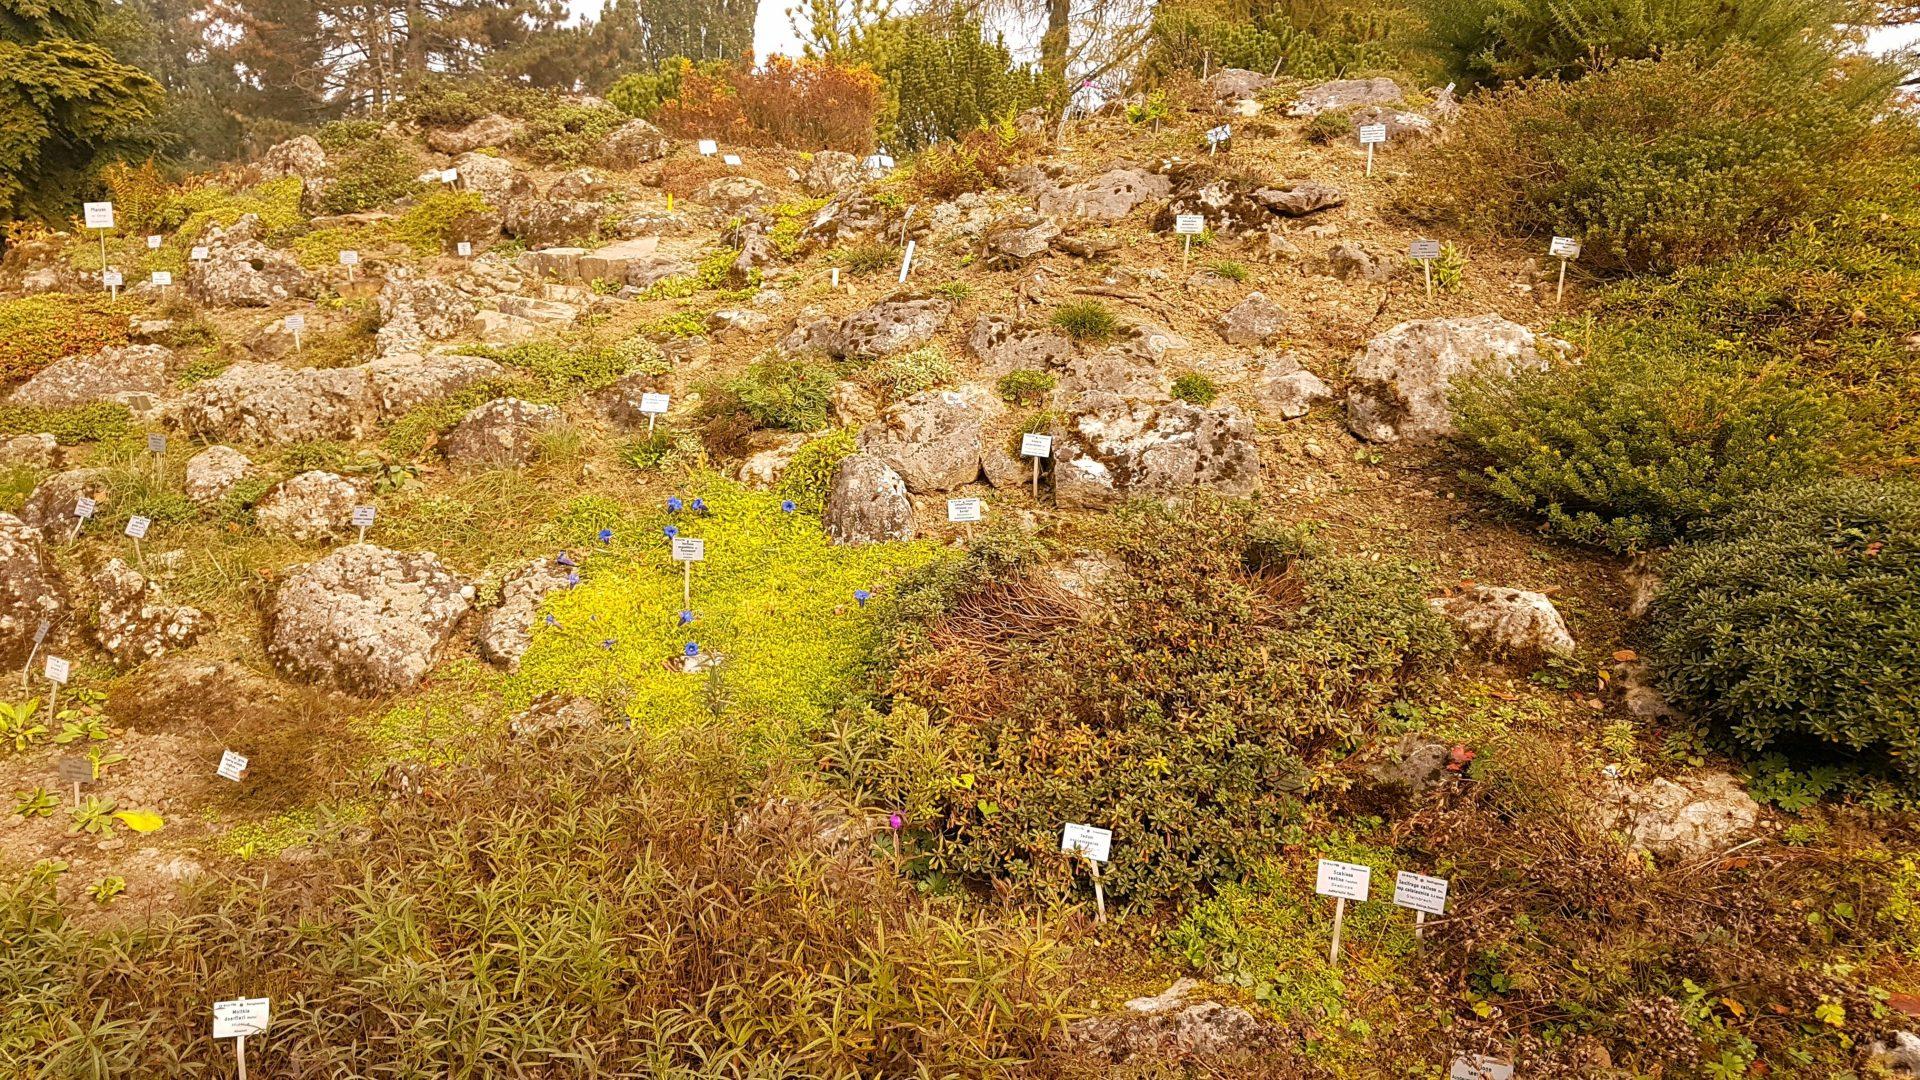 Местами полянки и склоны напоминают кладбище из табличек с названиями